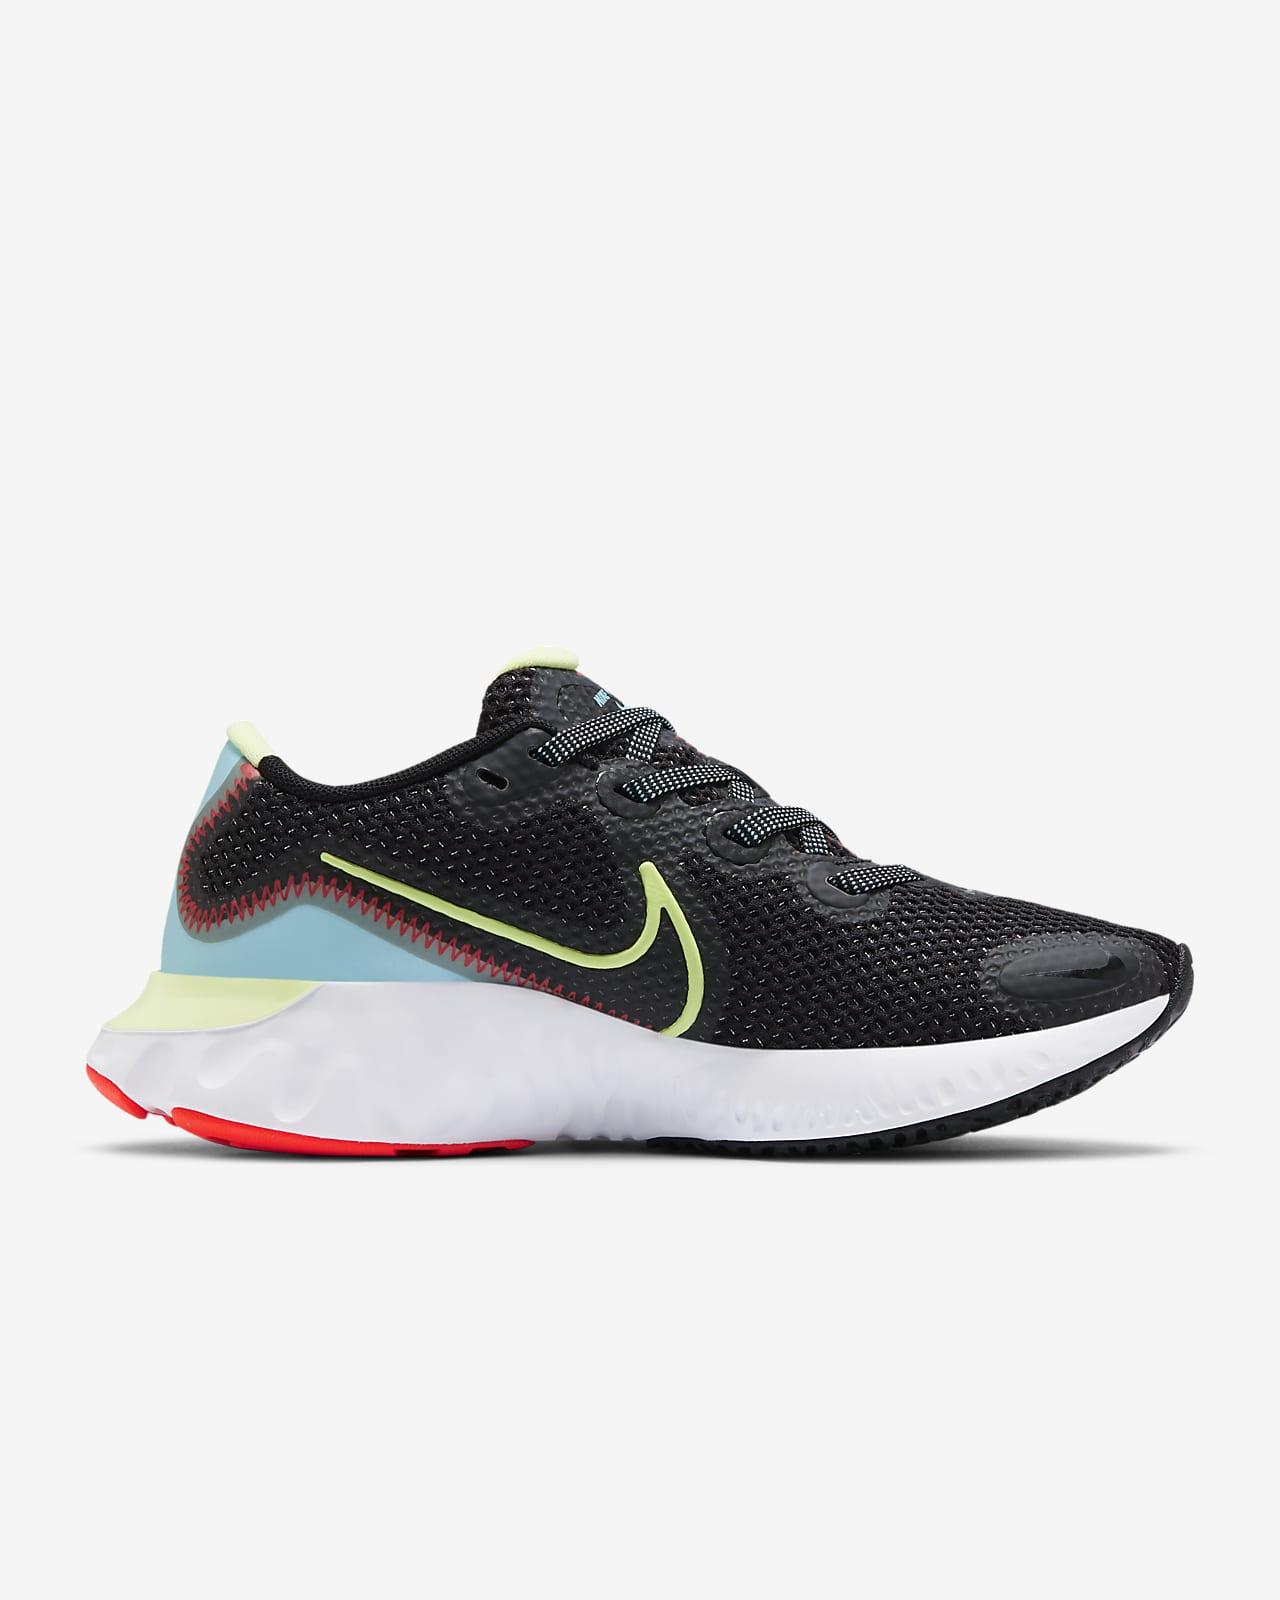 Nike Renew Run 女款跑鞋。Nike TW